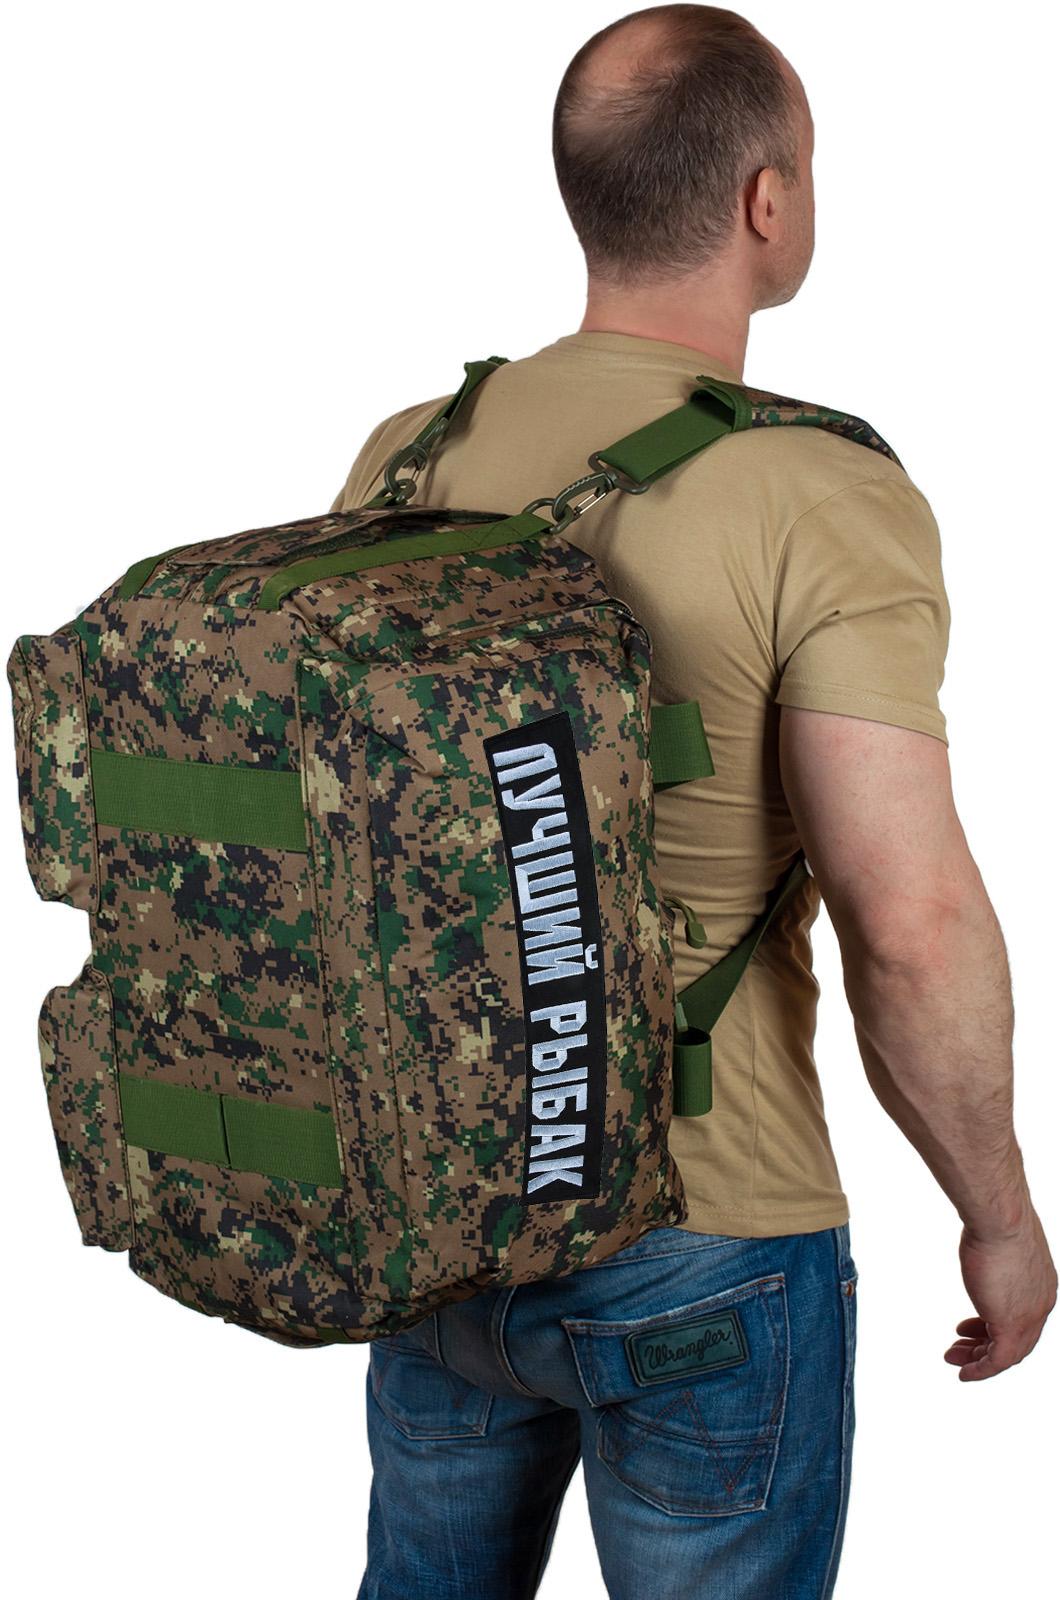 Купить армейскую дорожную сумку с нашивкой Лучший Рыбак по лучшей цене